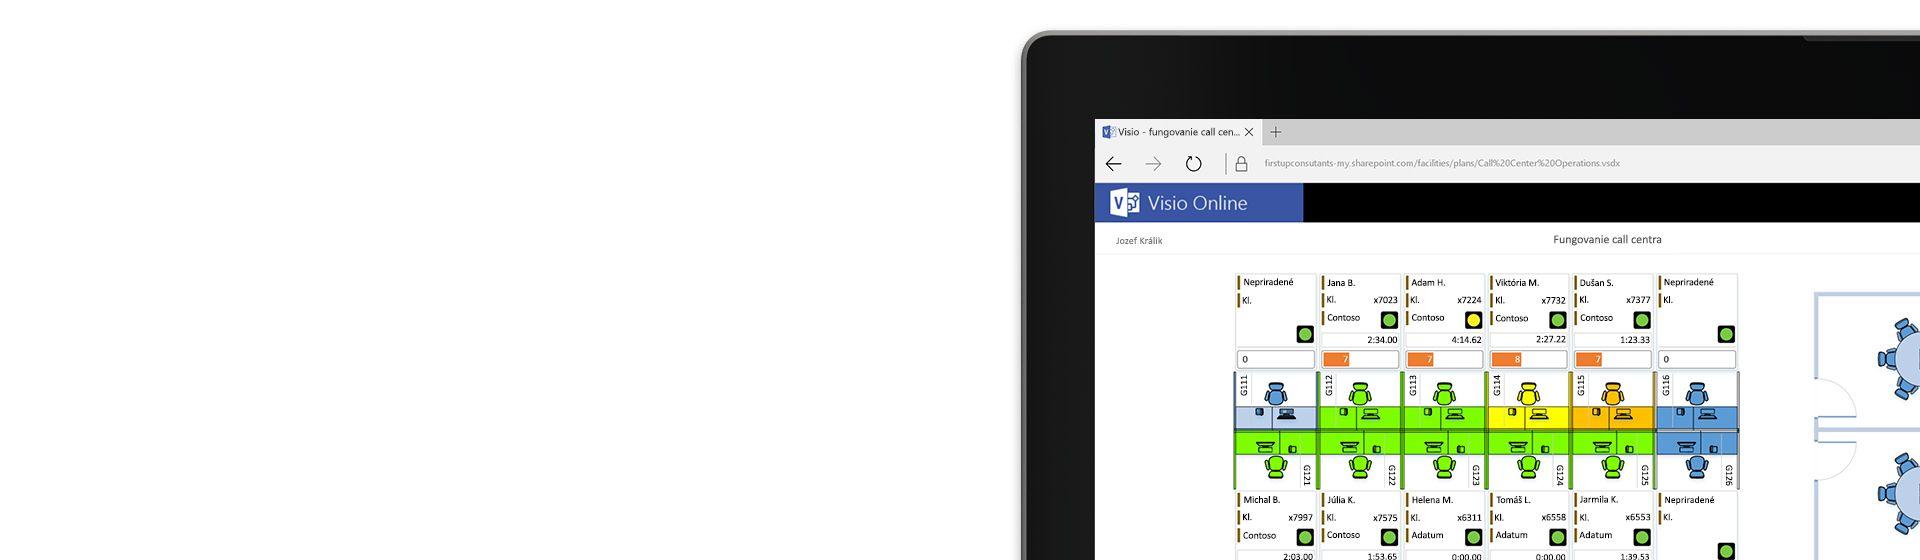 Roh obrazovky tabletu sozobrazením diagramu priestorového usporiadania telefonického centra voVisiu